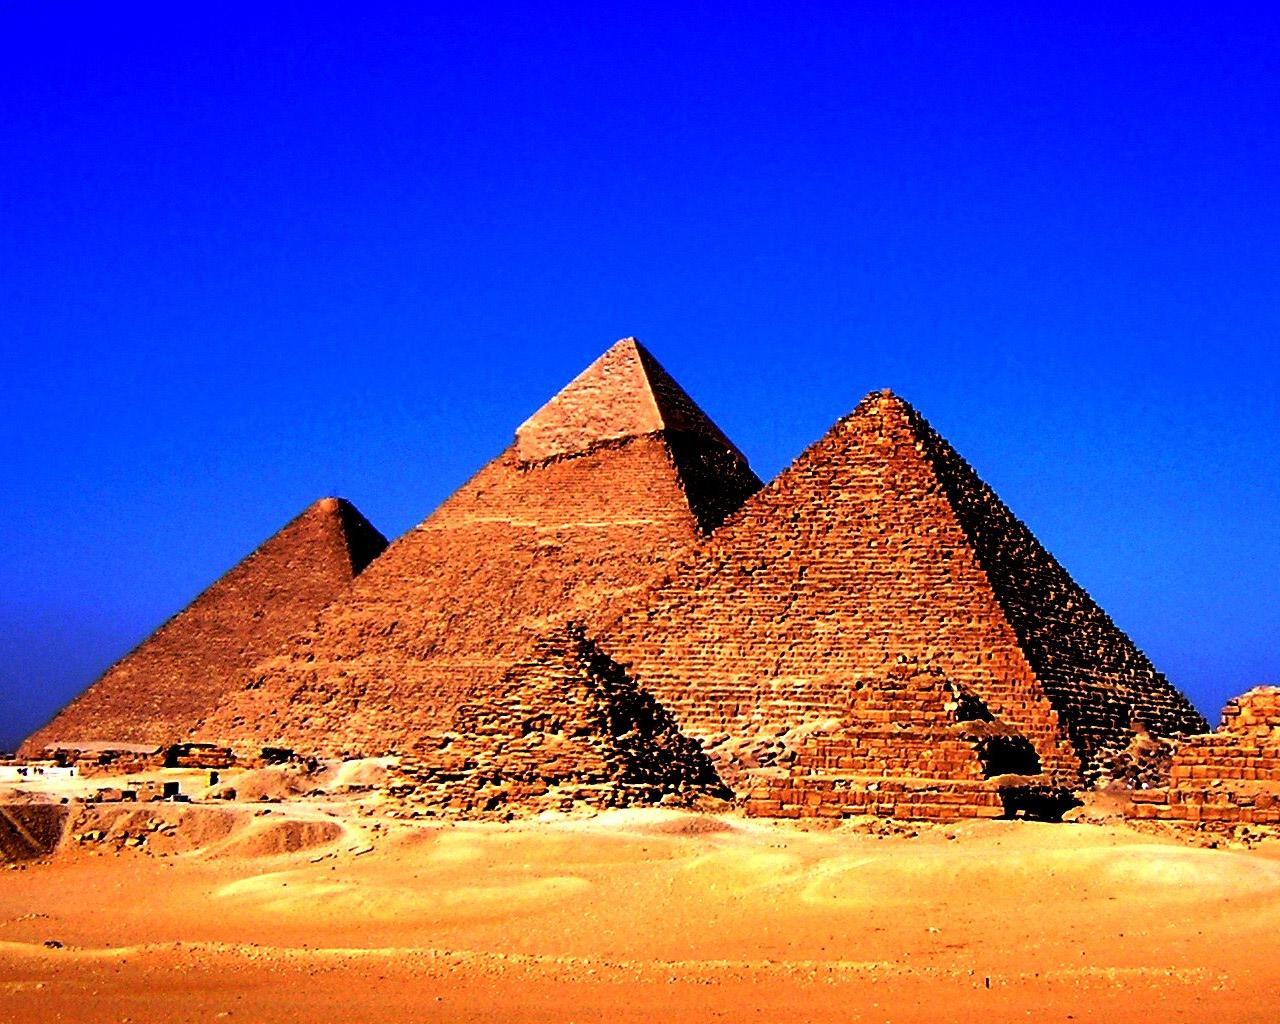 Egypt pyramids wallpaper wallpapersafari for 3d wallpaper for home egypt